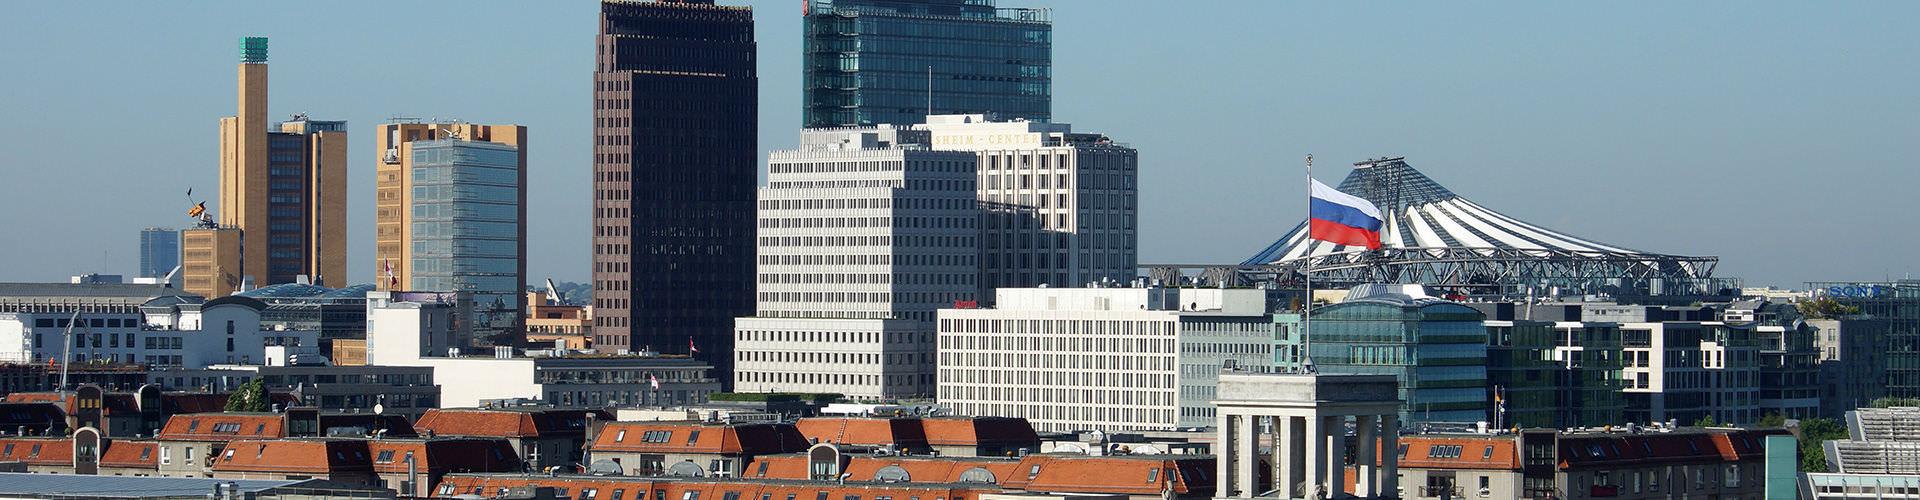 Berlín - Hoteles baratos cerca a Potsdamer Platz. Mapas de Berlín, Fotos y comentarios de cada Hotel en Berlín.